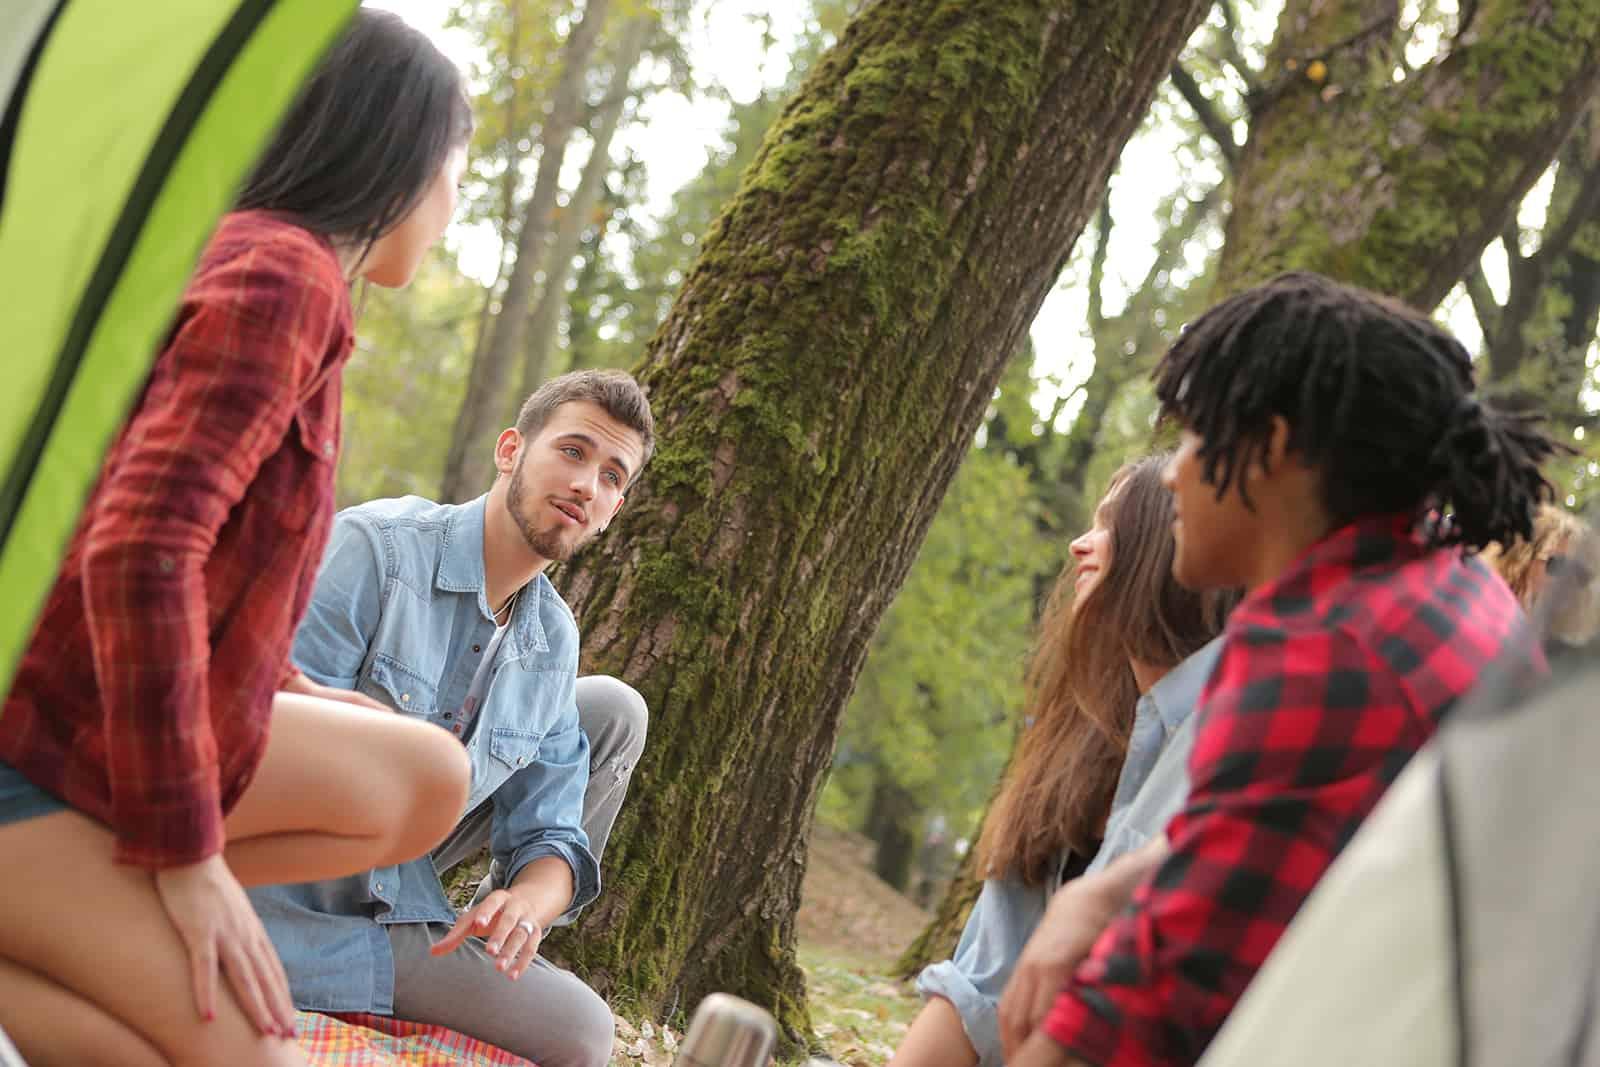 Eine Gruppe von Freunden kampiert im Wald und sitzt vor dem Zelt